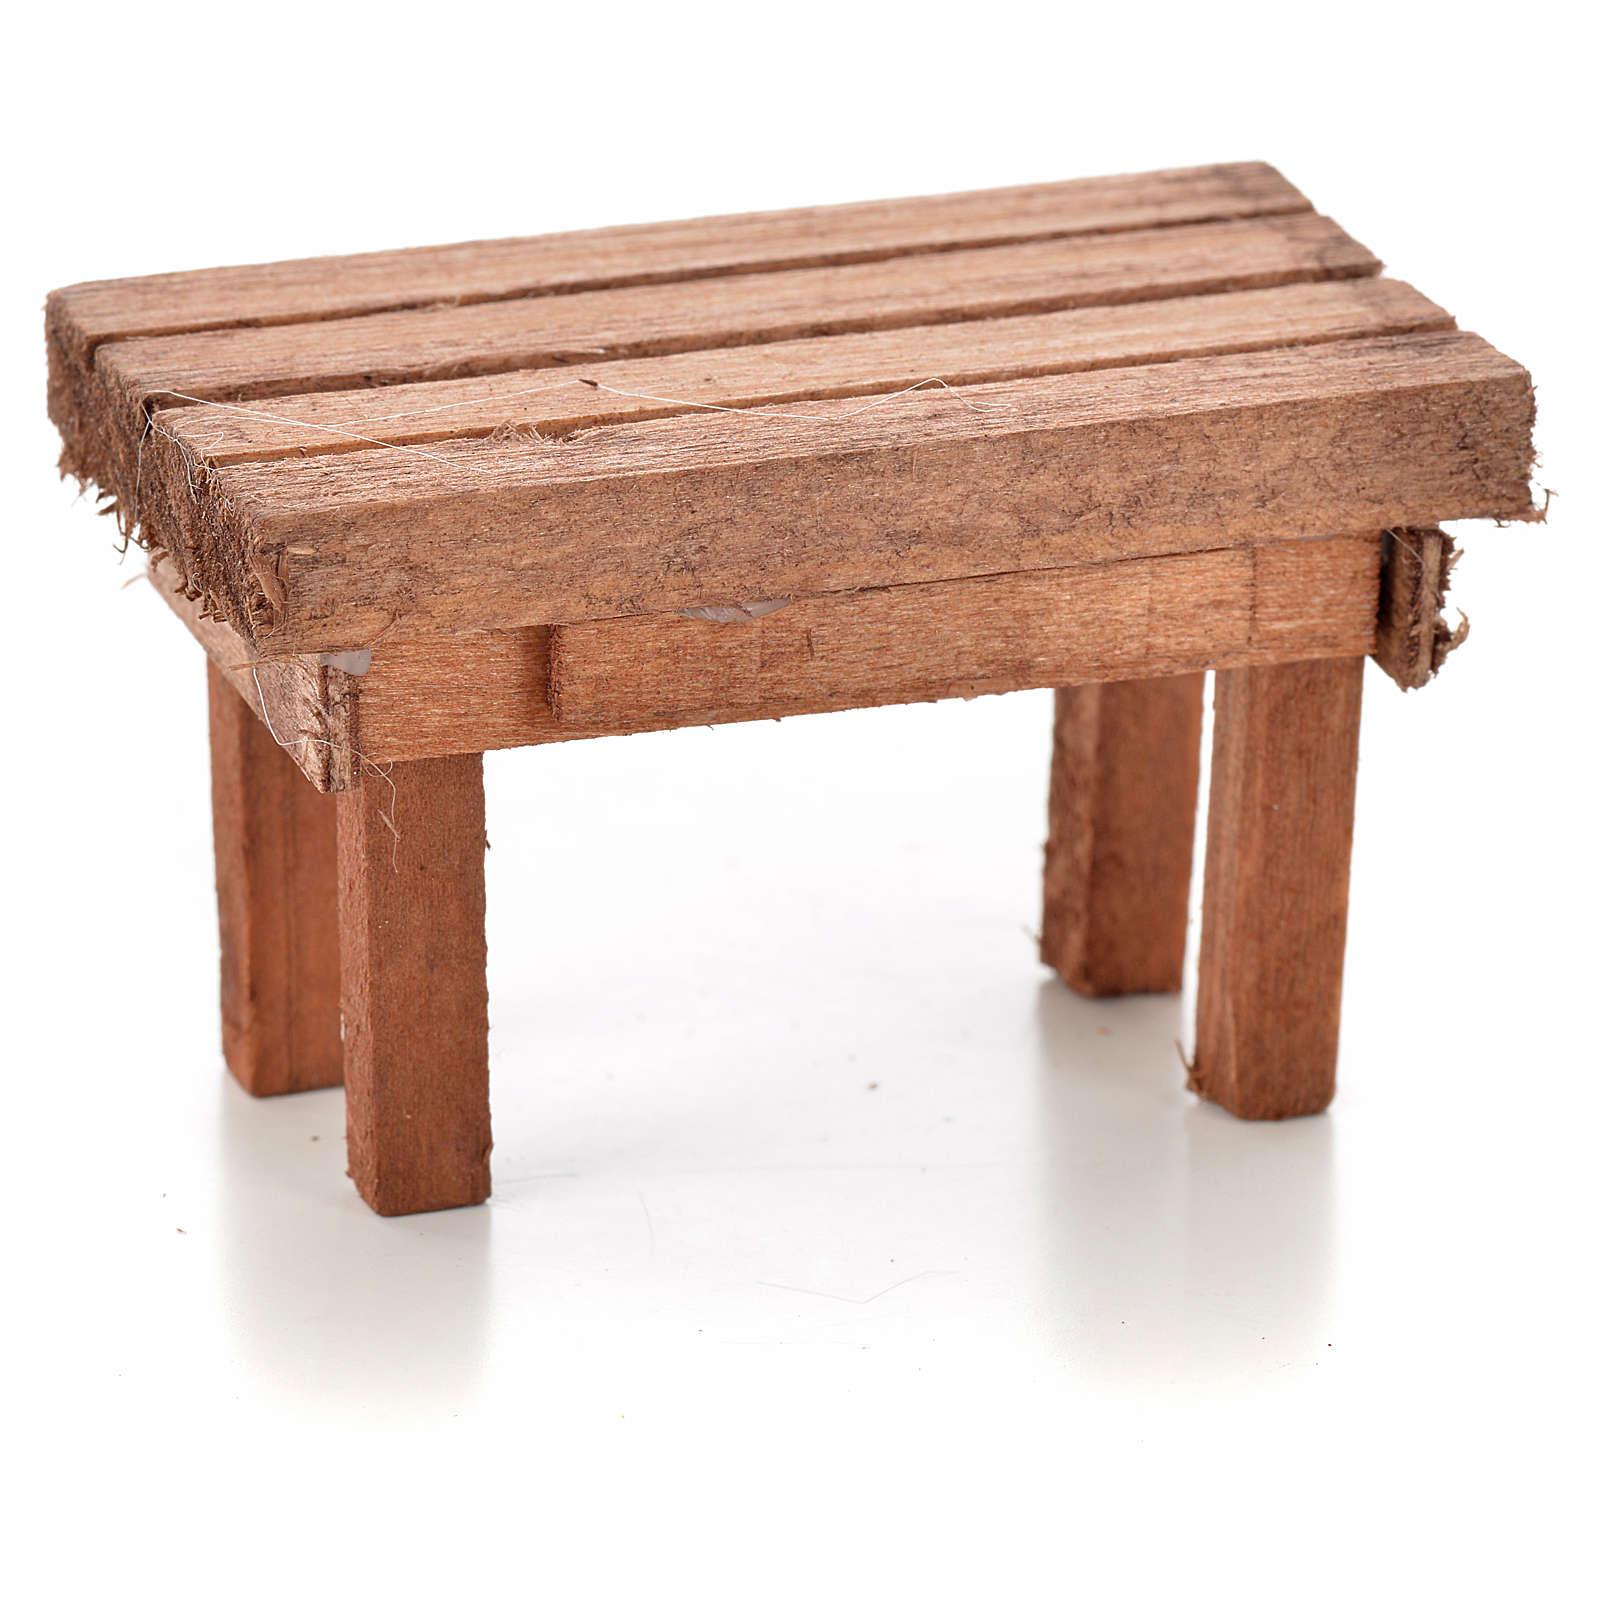 Table en bois miniature crèche 6x3,5x3,5 cm 4